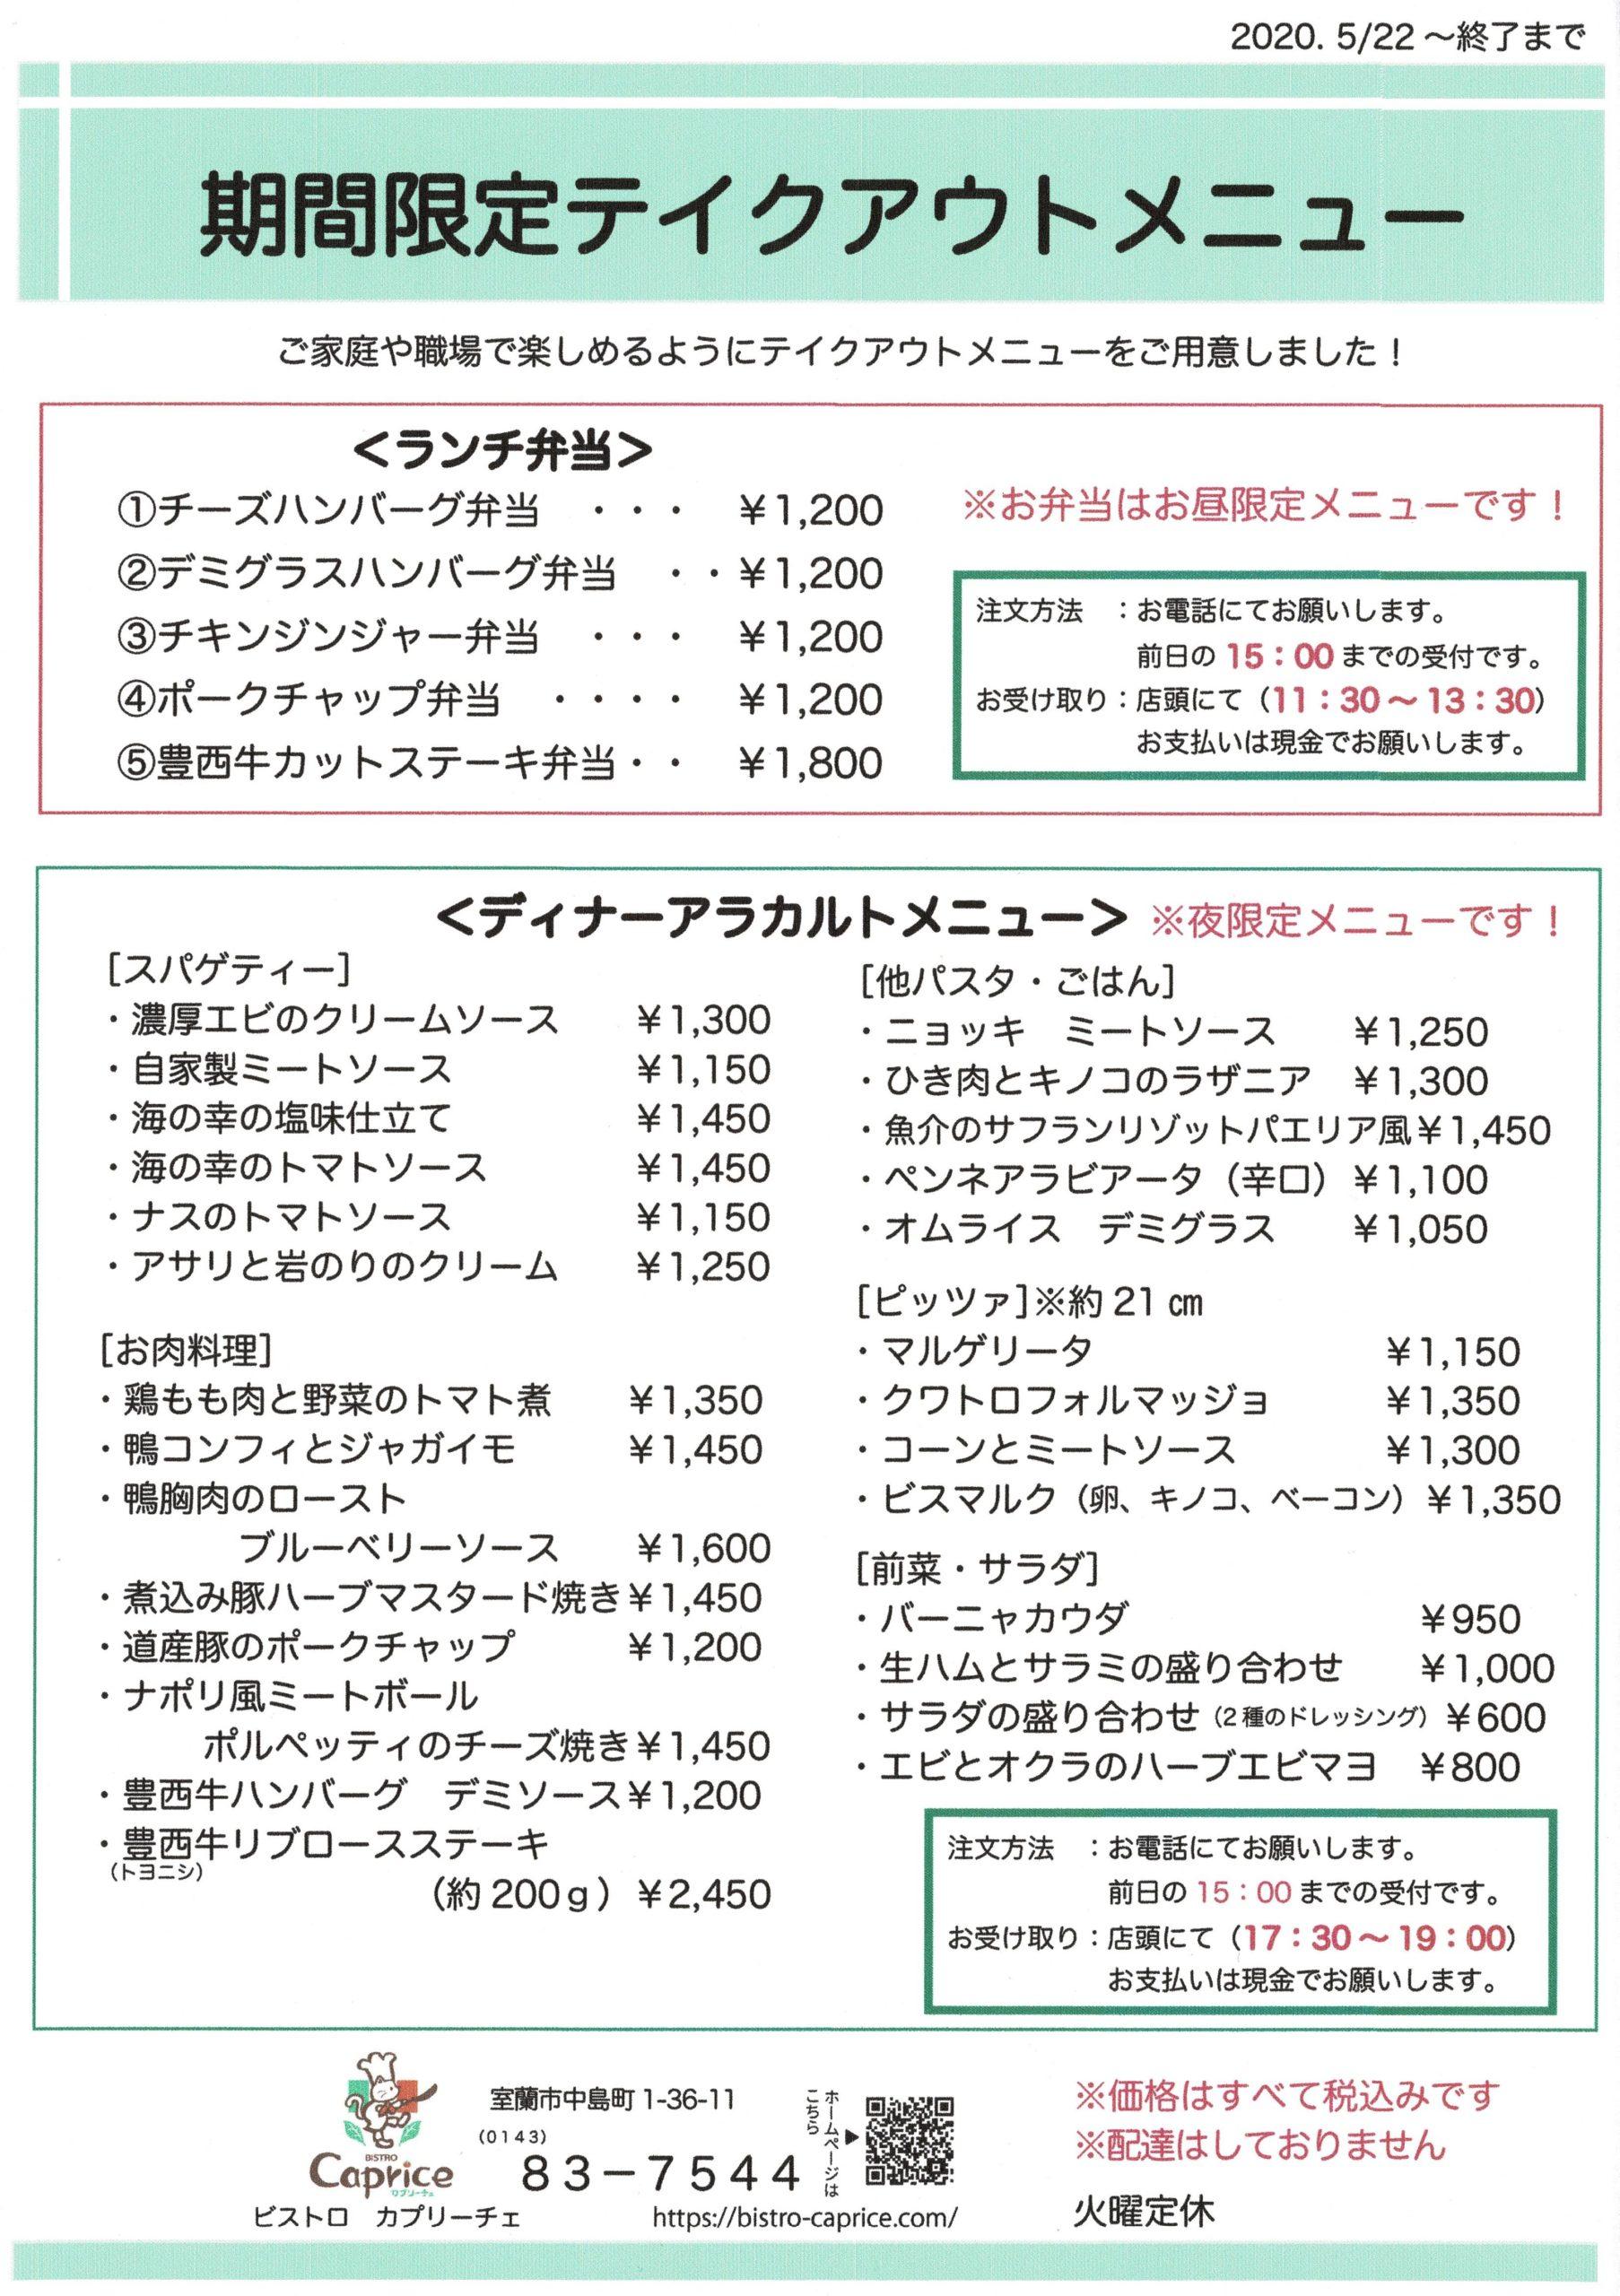 Newテイクアウトメニュー!!(7/1更新)